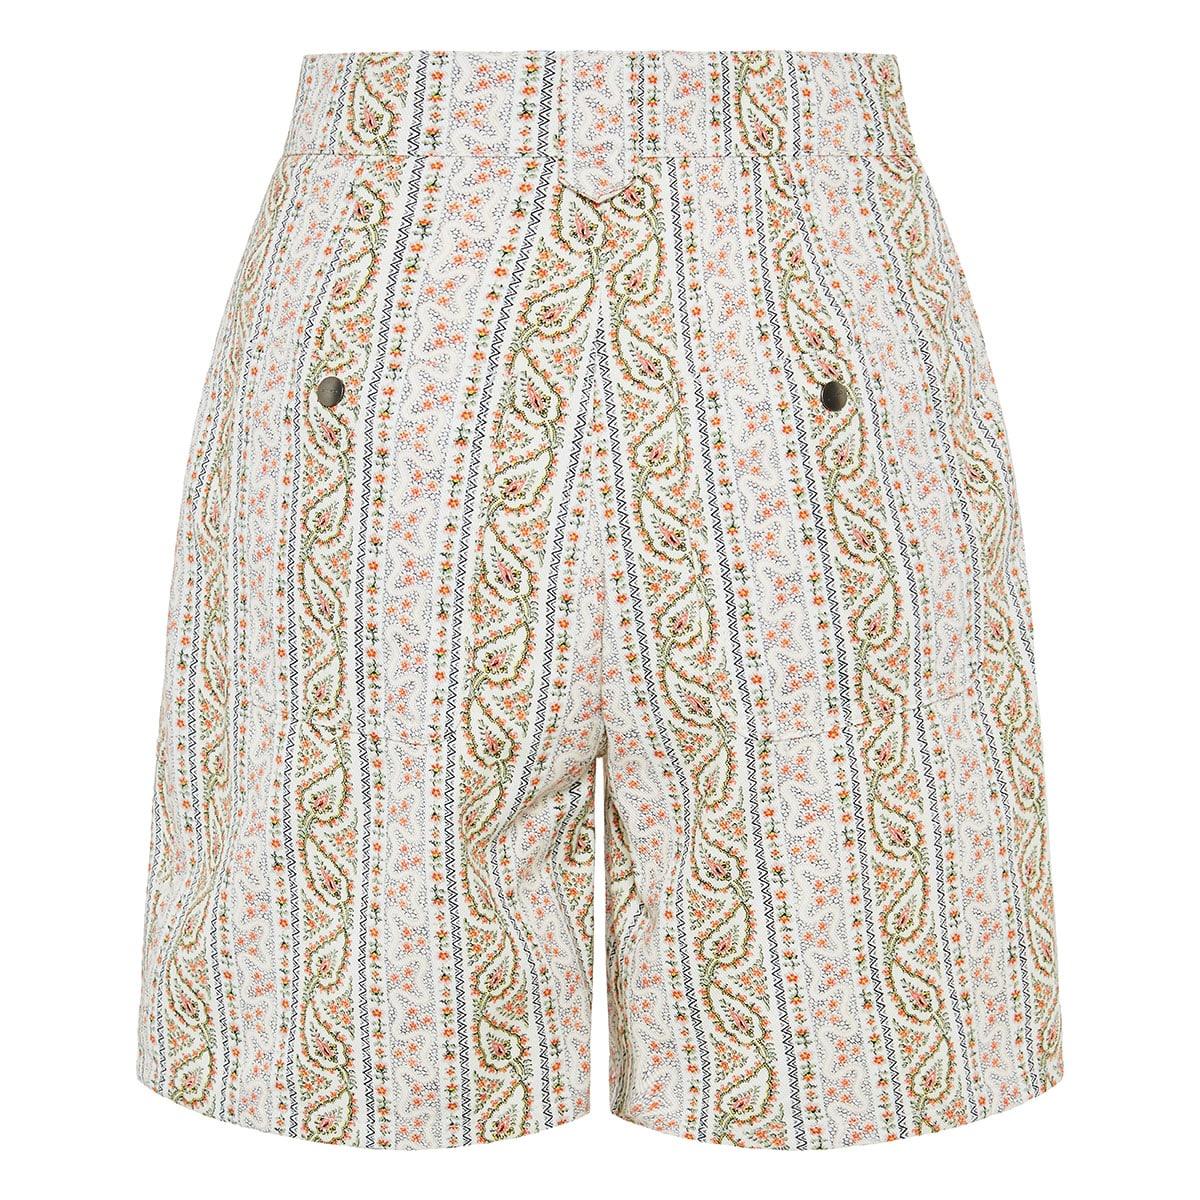 High-waist paisley denim shorts